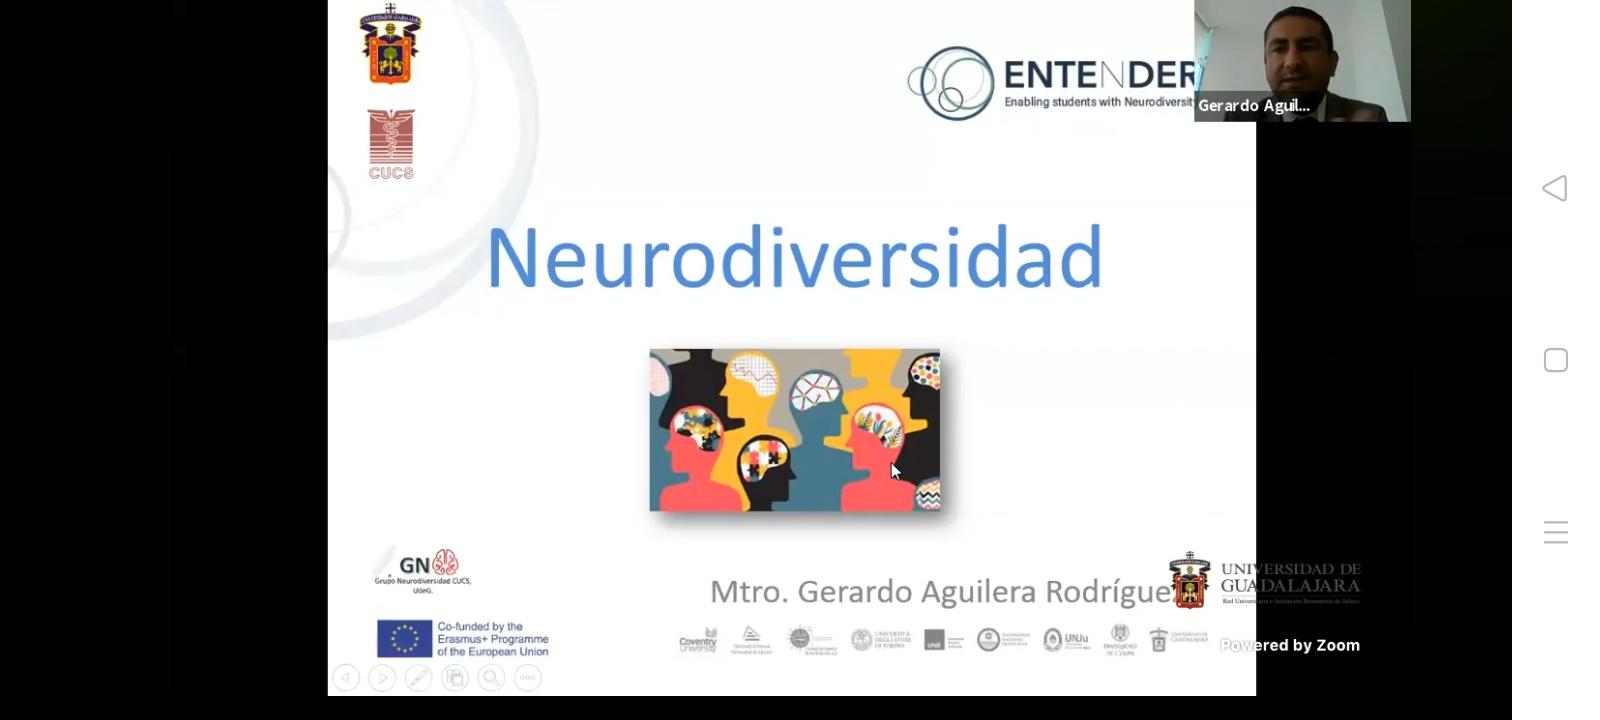 Diapositiva utilizada en la primera presentación del Coloquio. Lleva el nombre de Neurodiversidad